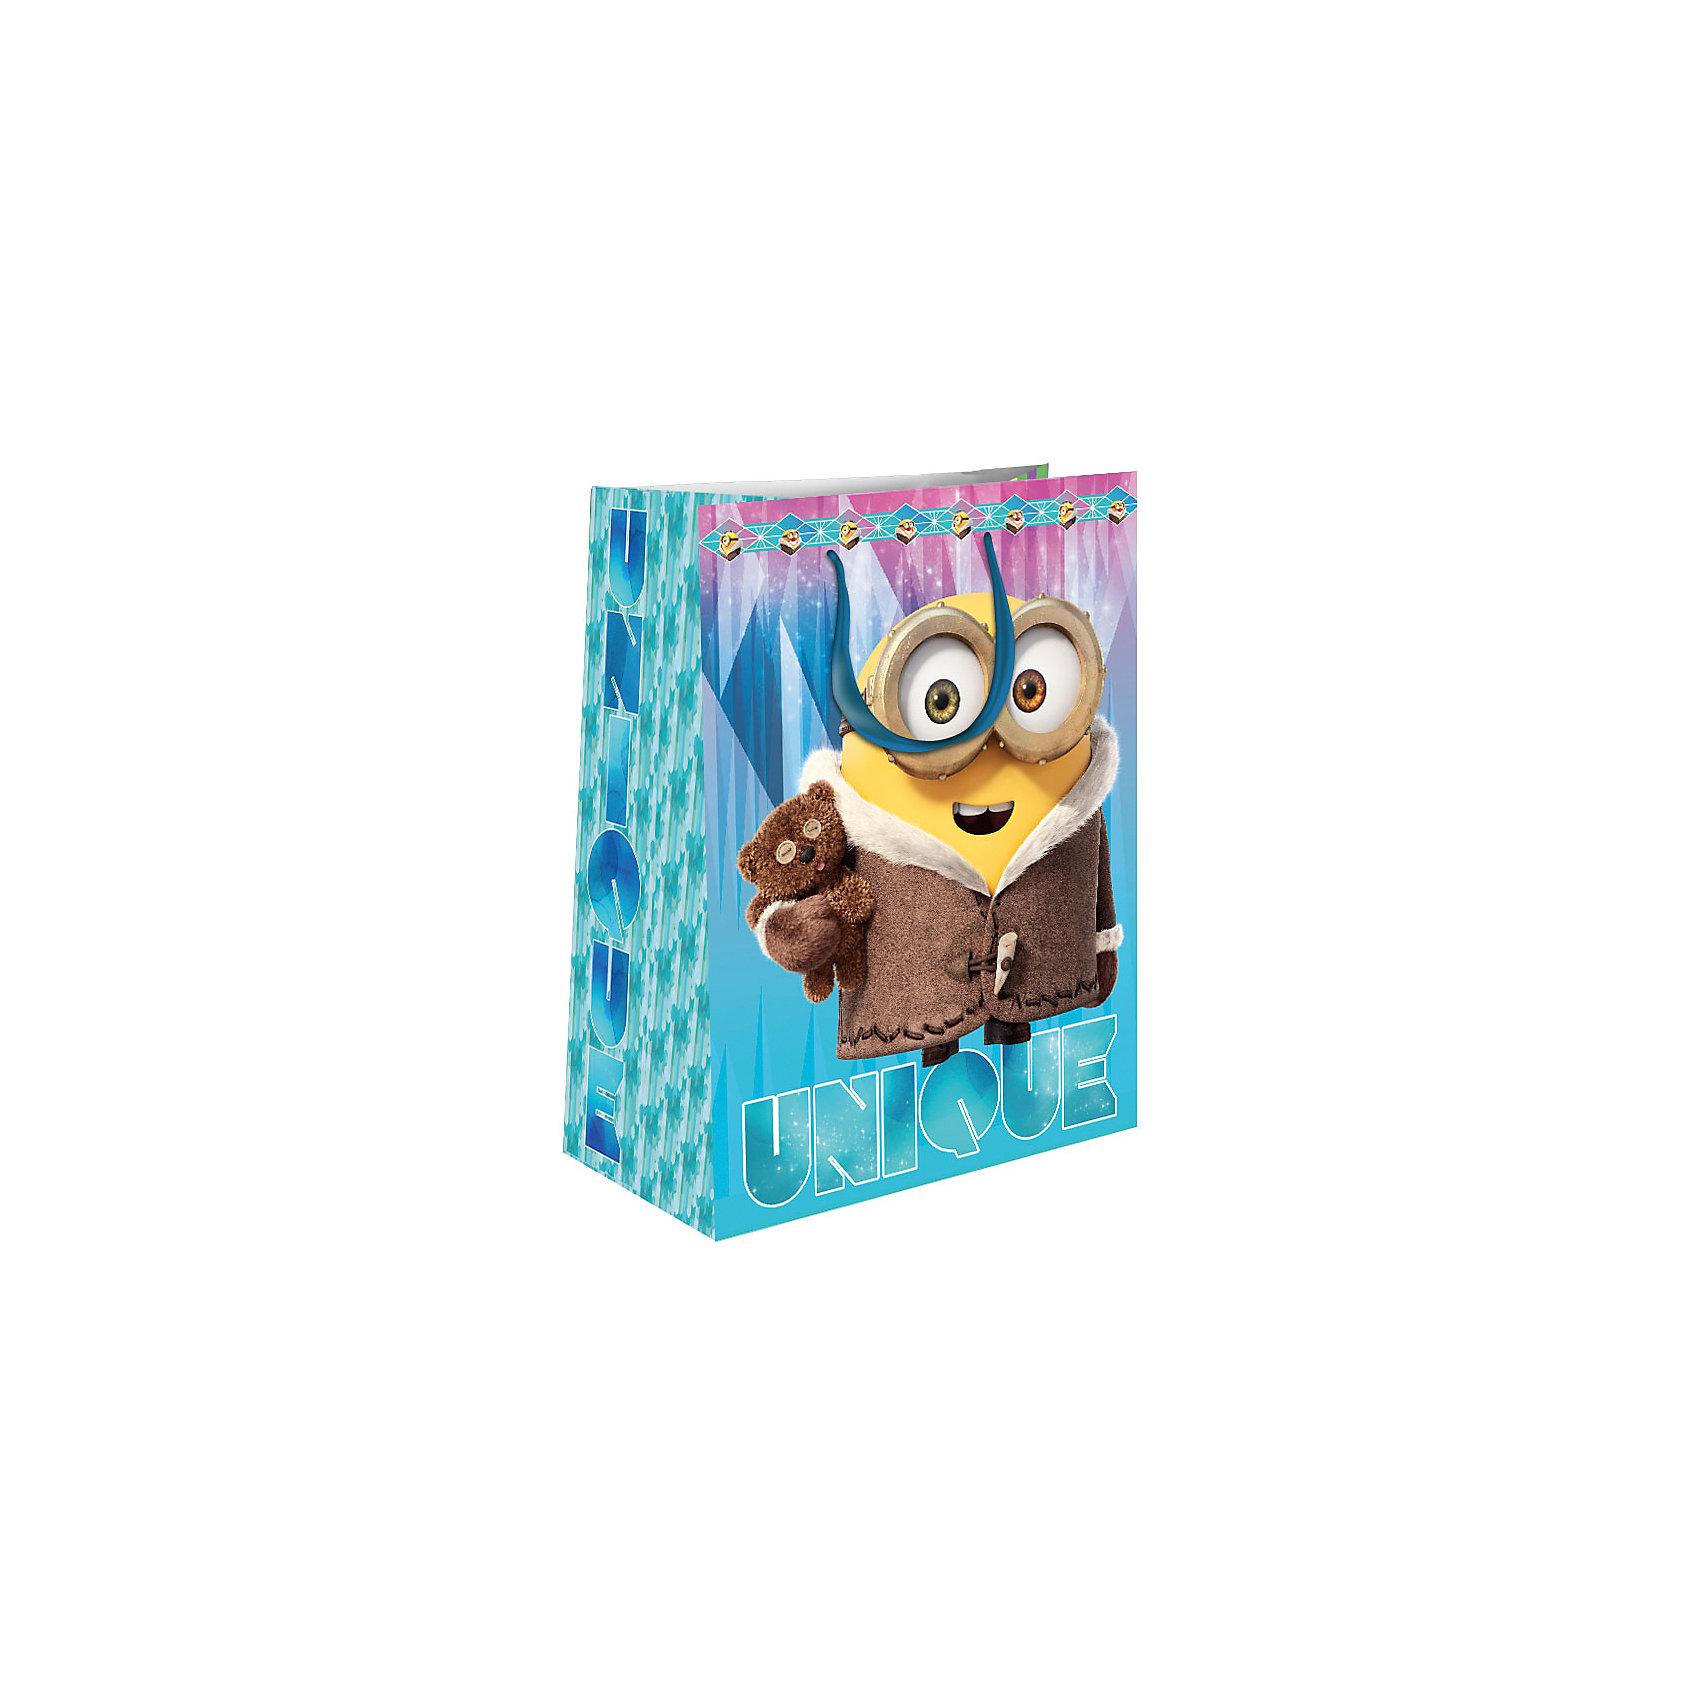 Пакет подарочный Зимний Миньон 350*250*90Всё для праздника<br>Подарочный бумажный пакет «Зимний Миньон» с очаровательным зимним принтом ярко украсит подарок и еще больше поднимет праздничное настроение. Размер: 35х25х9 см. В ассортименте вы также сможете найти такой же пакет размером 23х18х10 см.<br><br>Ширина мм: 350<br>Глубина мм: 250<br>Высота мм: 3<br>Вес г: 78<br>Возраст от месяцев: 36<br>Возраст до месяцев: 120<br>Пол: Унисекс<br>Возраст: Детский<br>SKU: 5016456